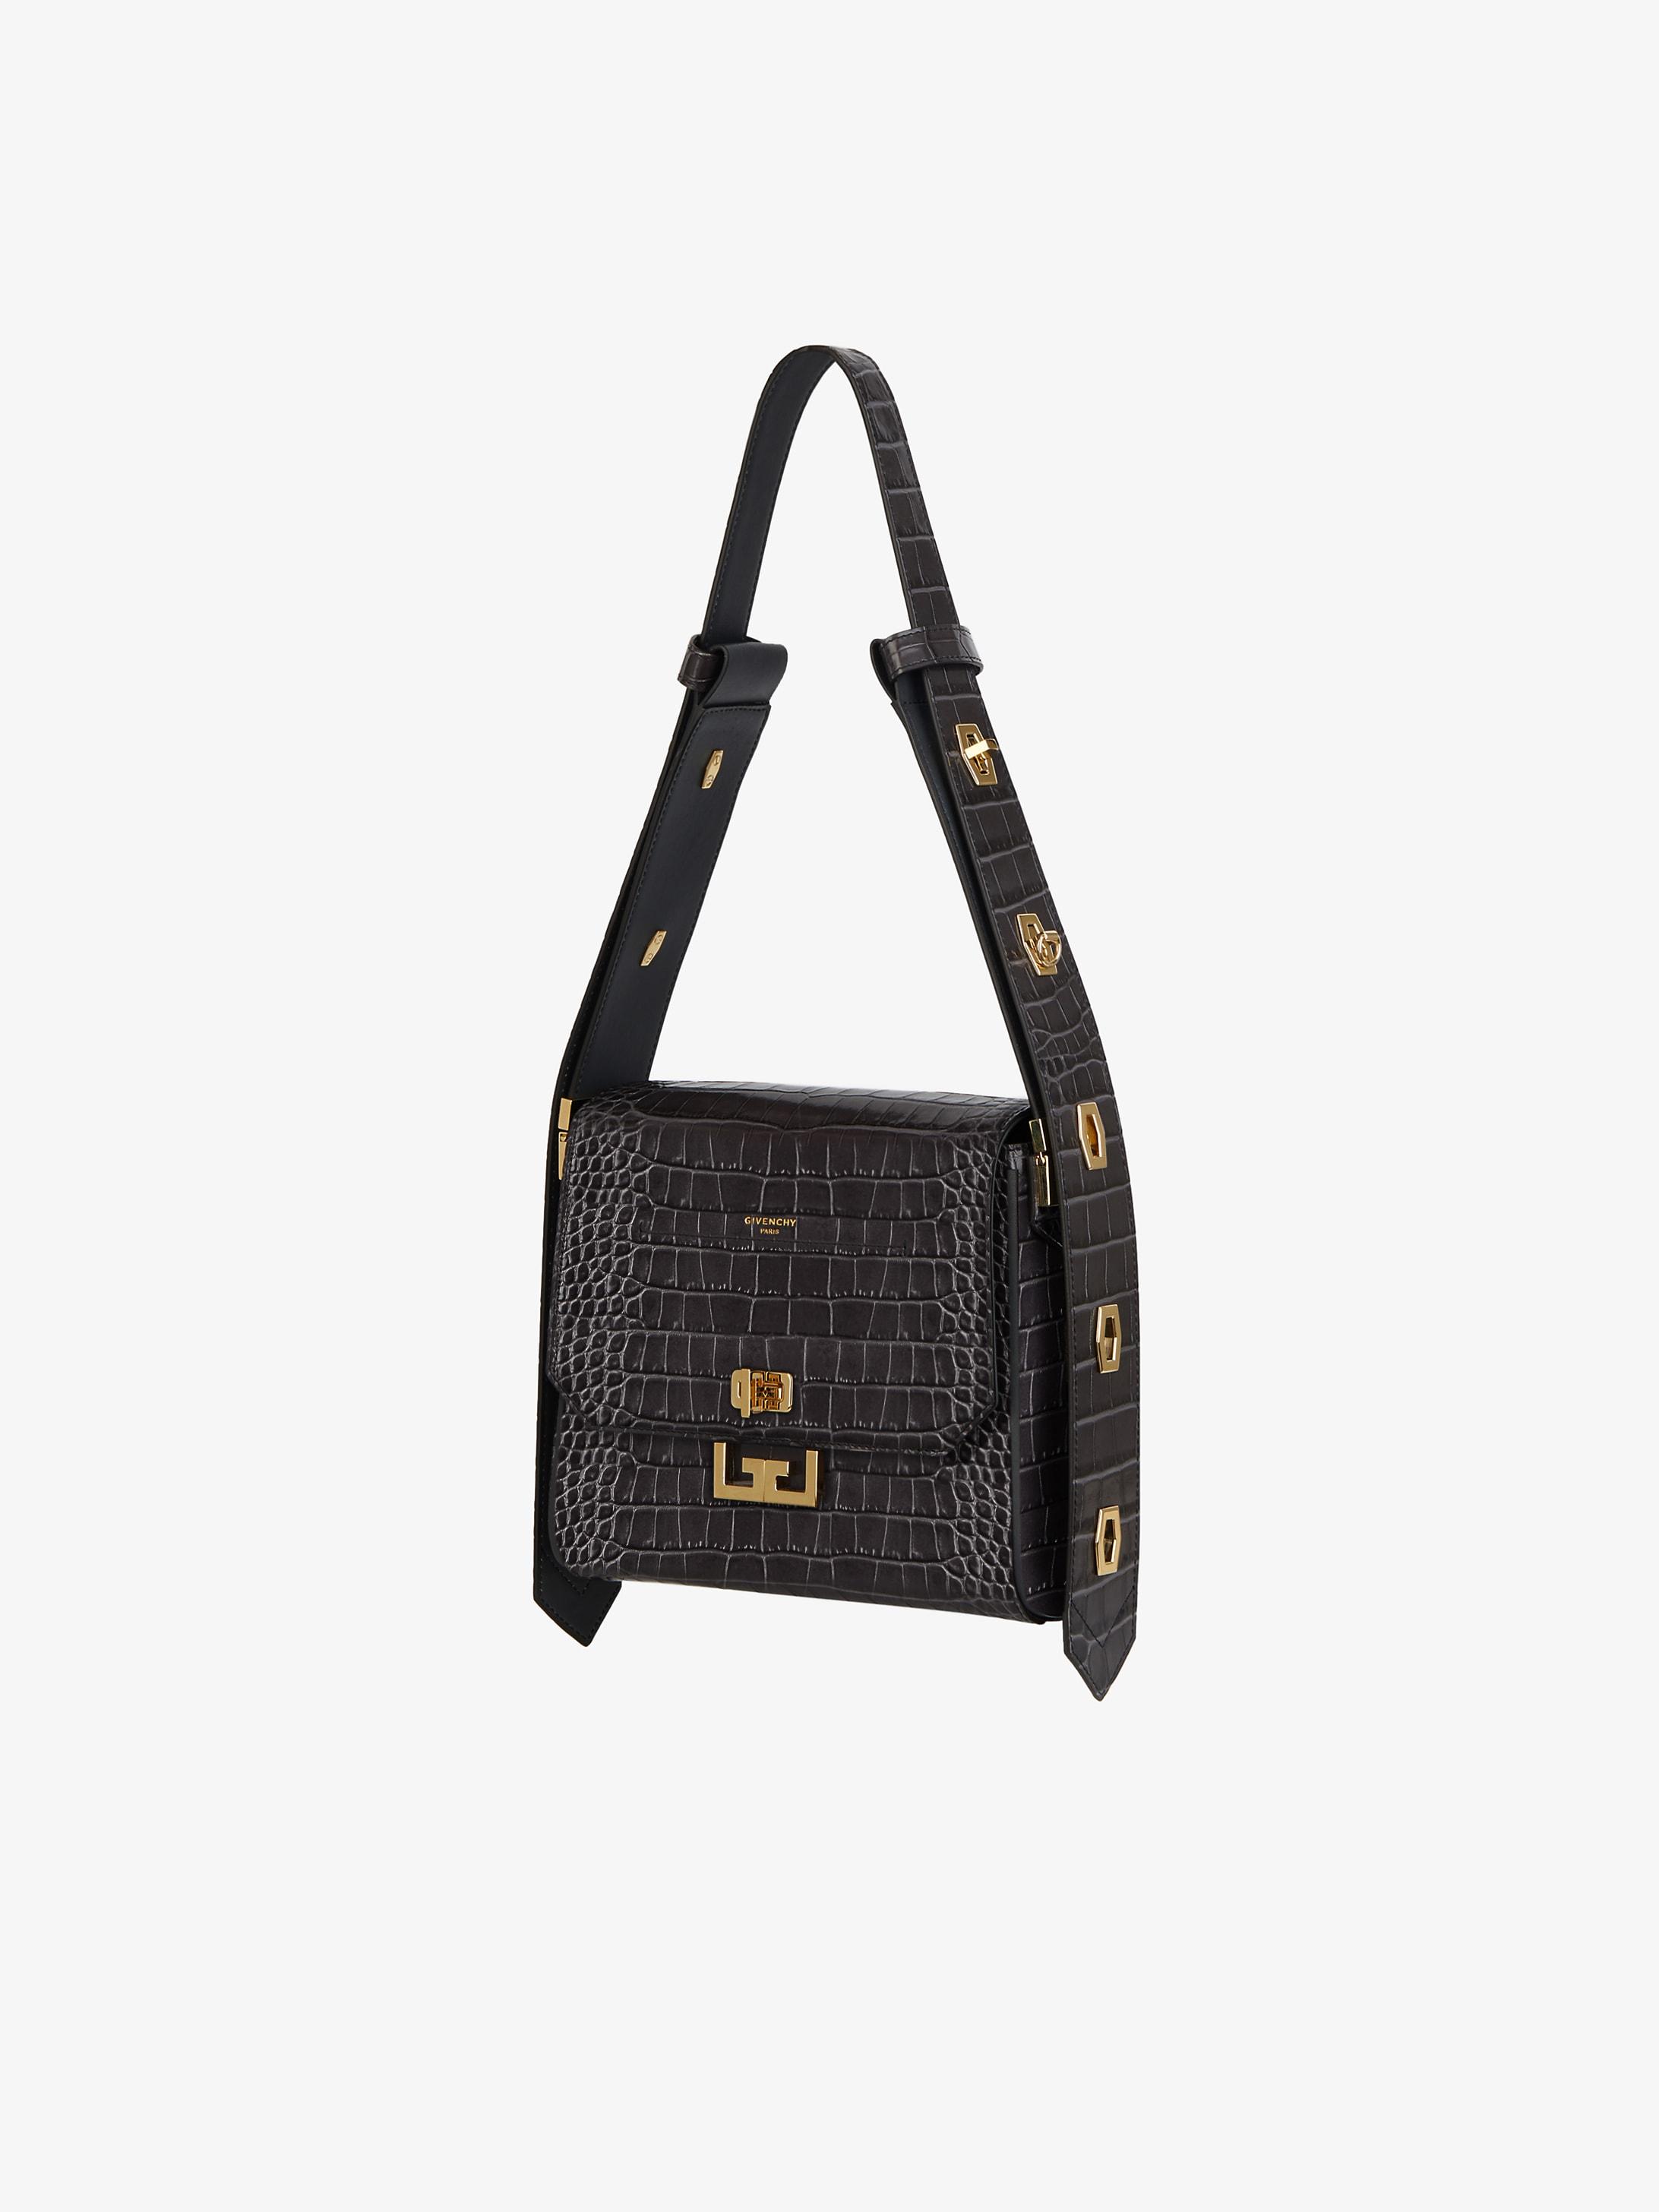 Medium Eden bag in crocodile effect leather